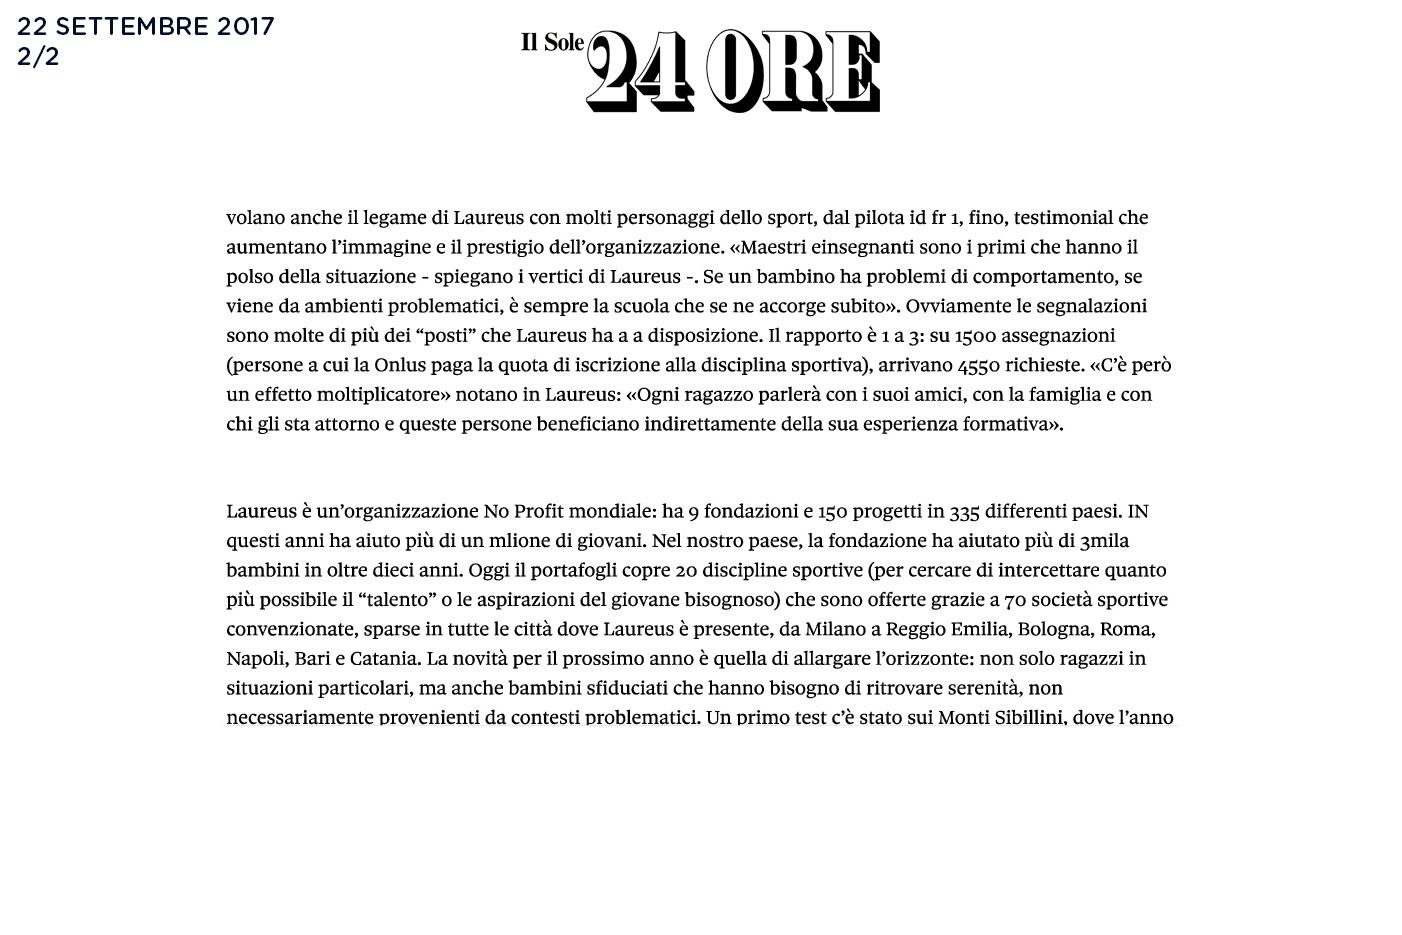 2017_09_22_IL-SOLE-24-ORE_2